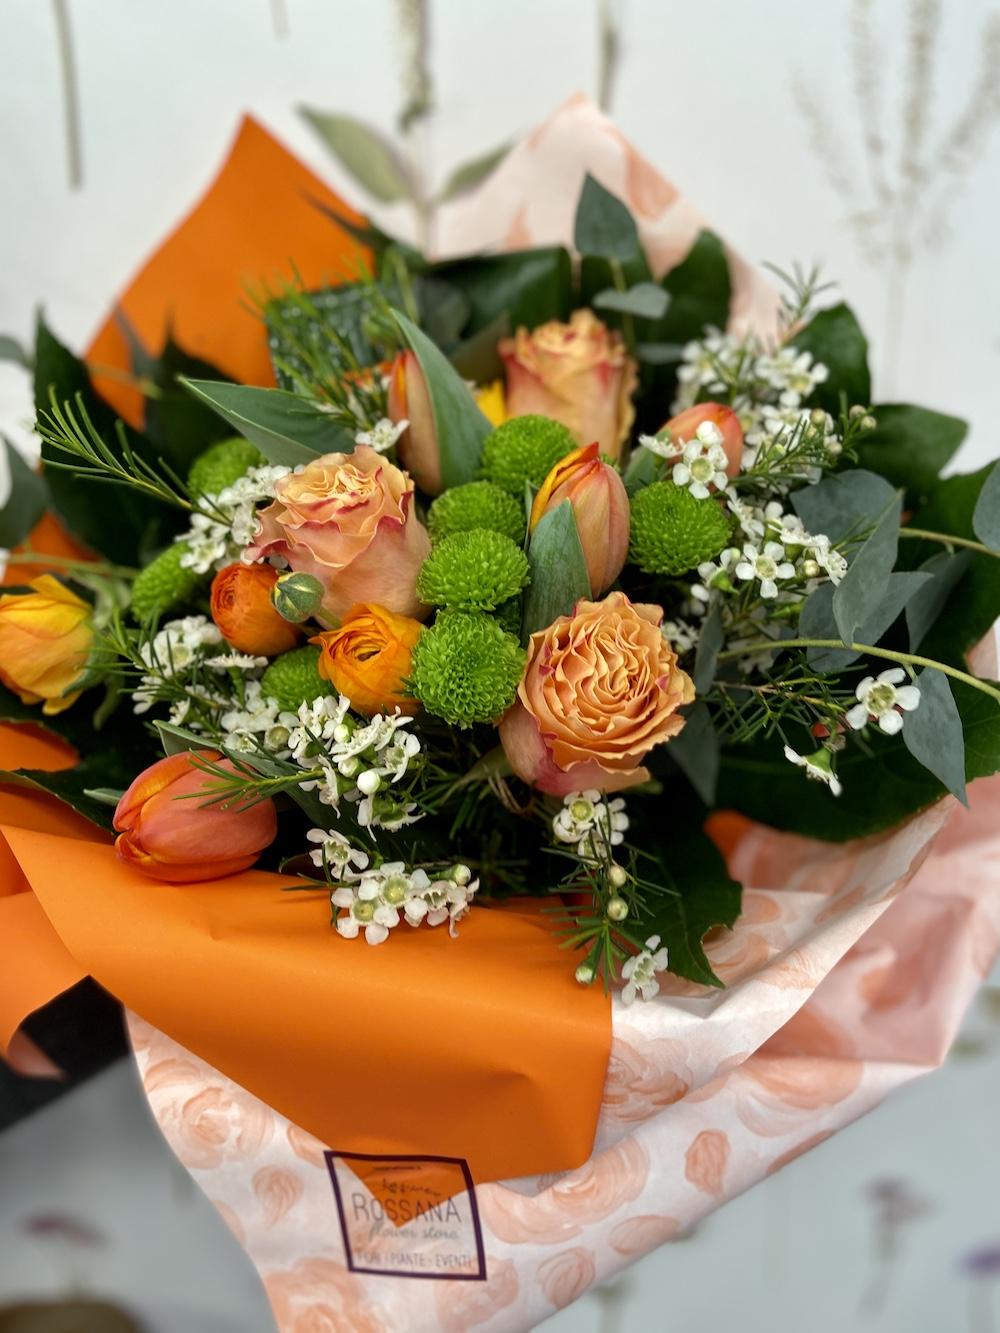 rossana flower store fotoIMG_1677